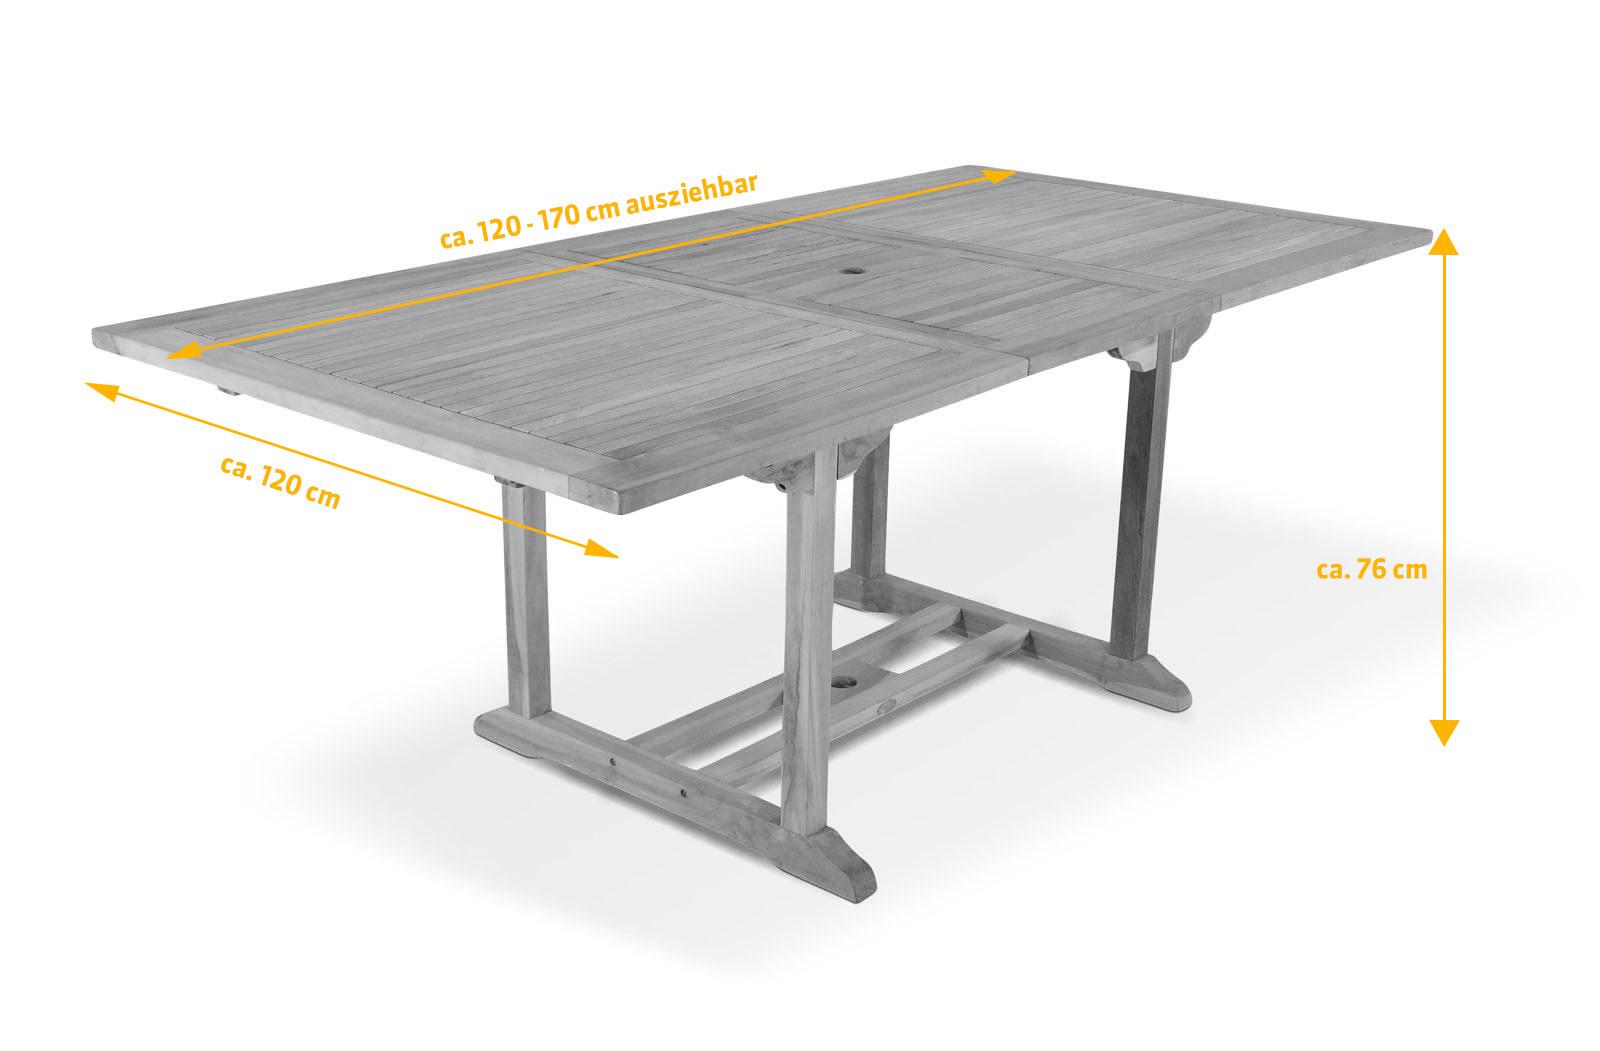 sam gartentisch teak ausziehbar 120 170 x 120 cm. Black Bedroom Furniture Sets. Home Design Ideas